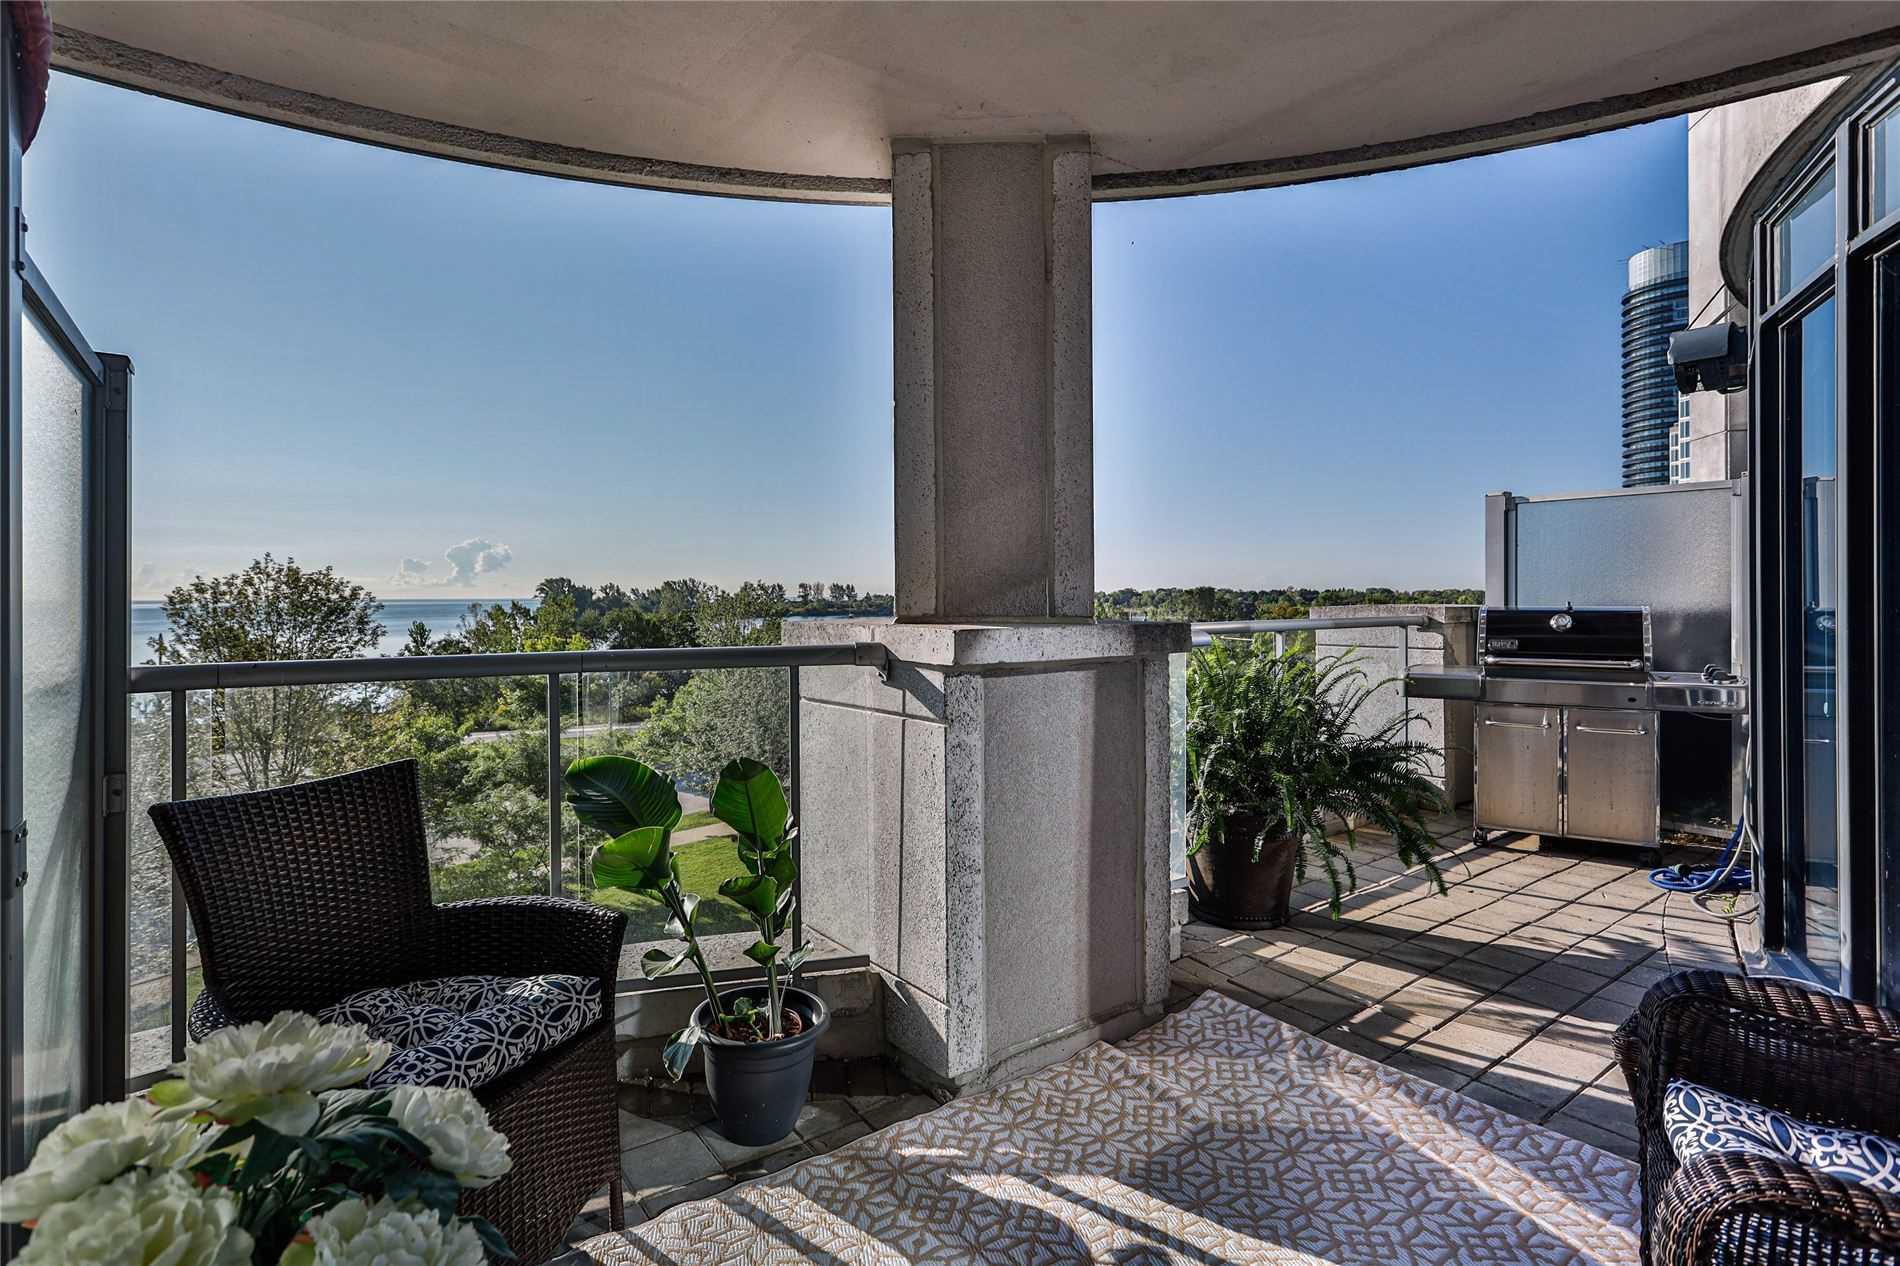 317 - 2095 Lake Shore Blvd W - Mimico Condo Apt for sale, 2 Bedrooms (W5369727) - #11